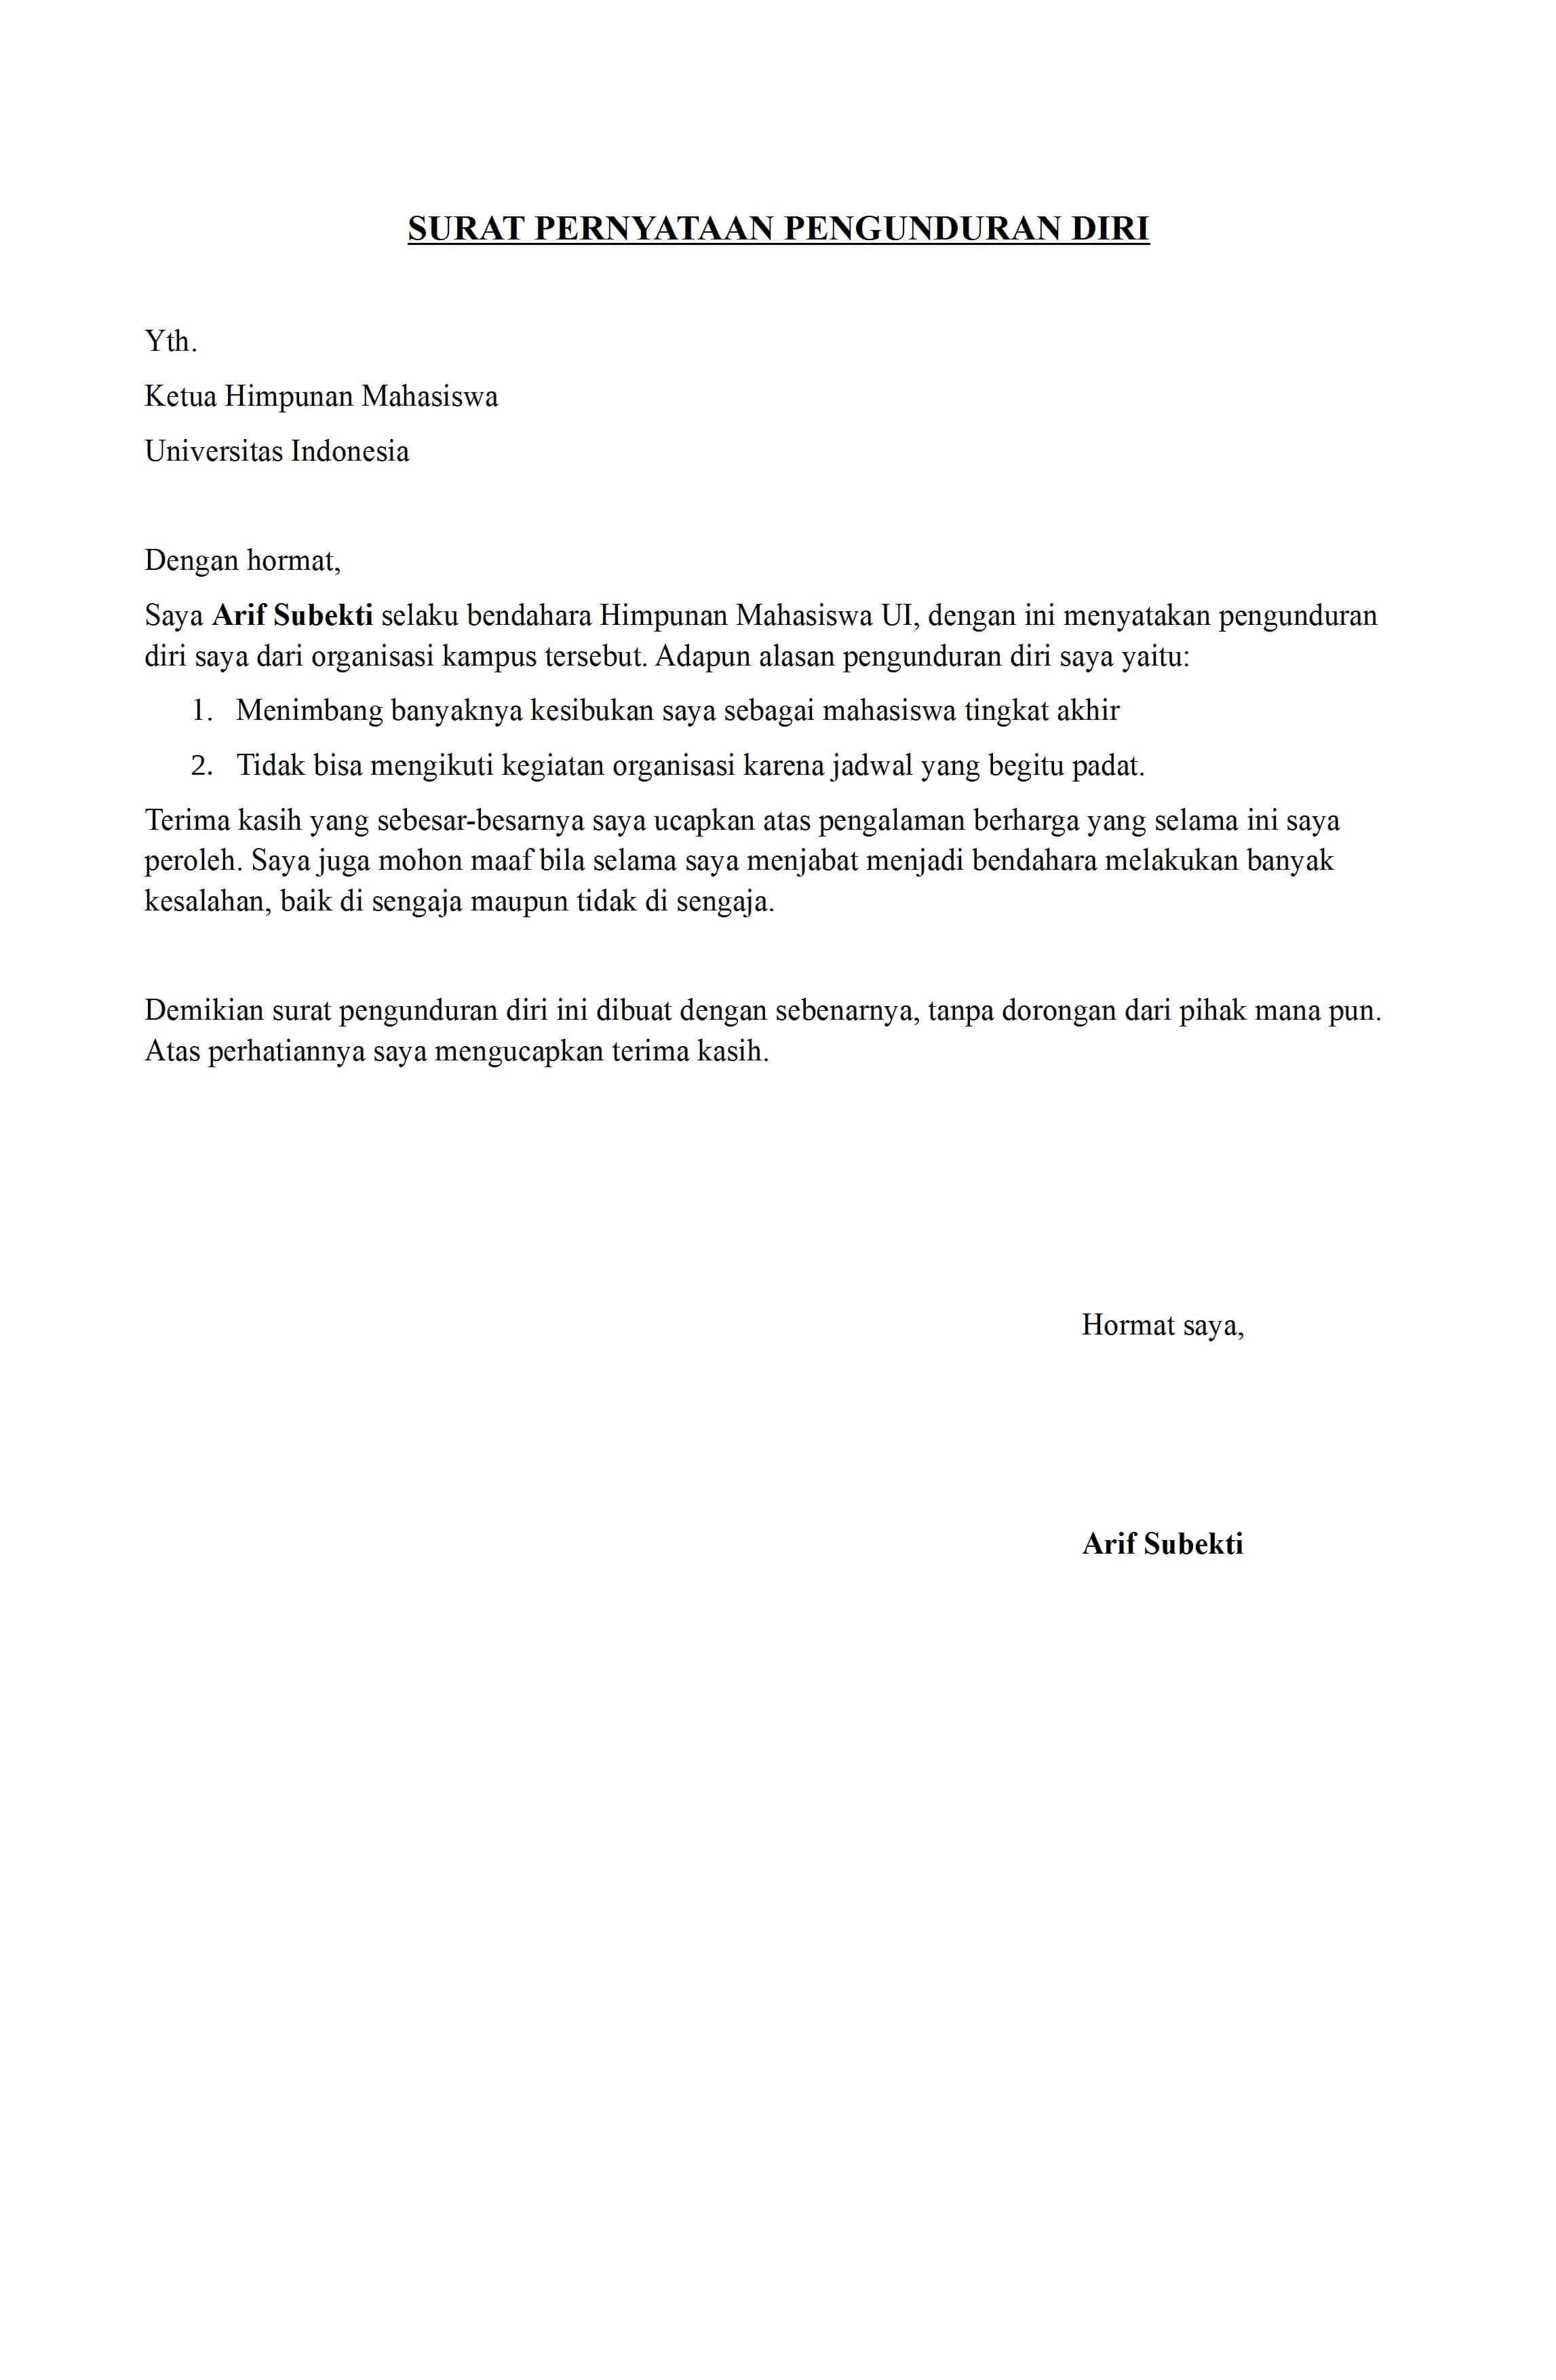 Contoh Surat Pengunduran Diri Di Organisasi Pramuka